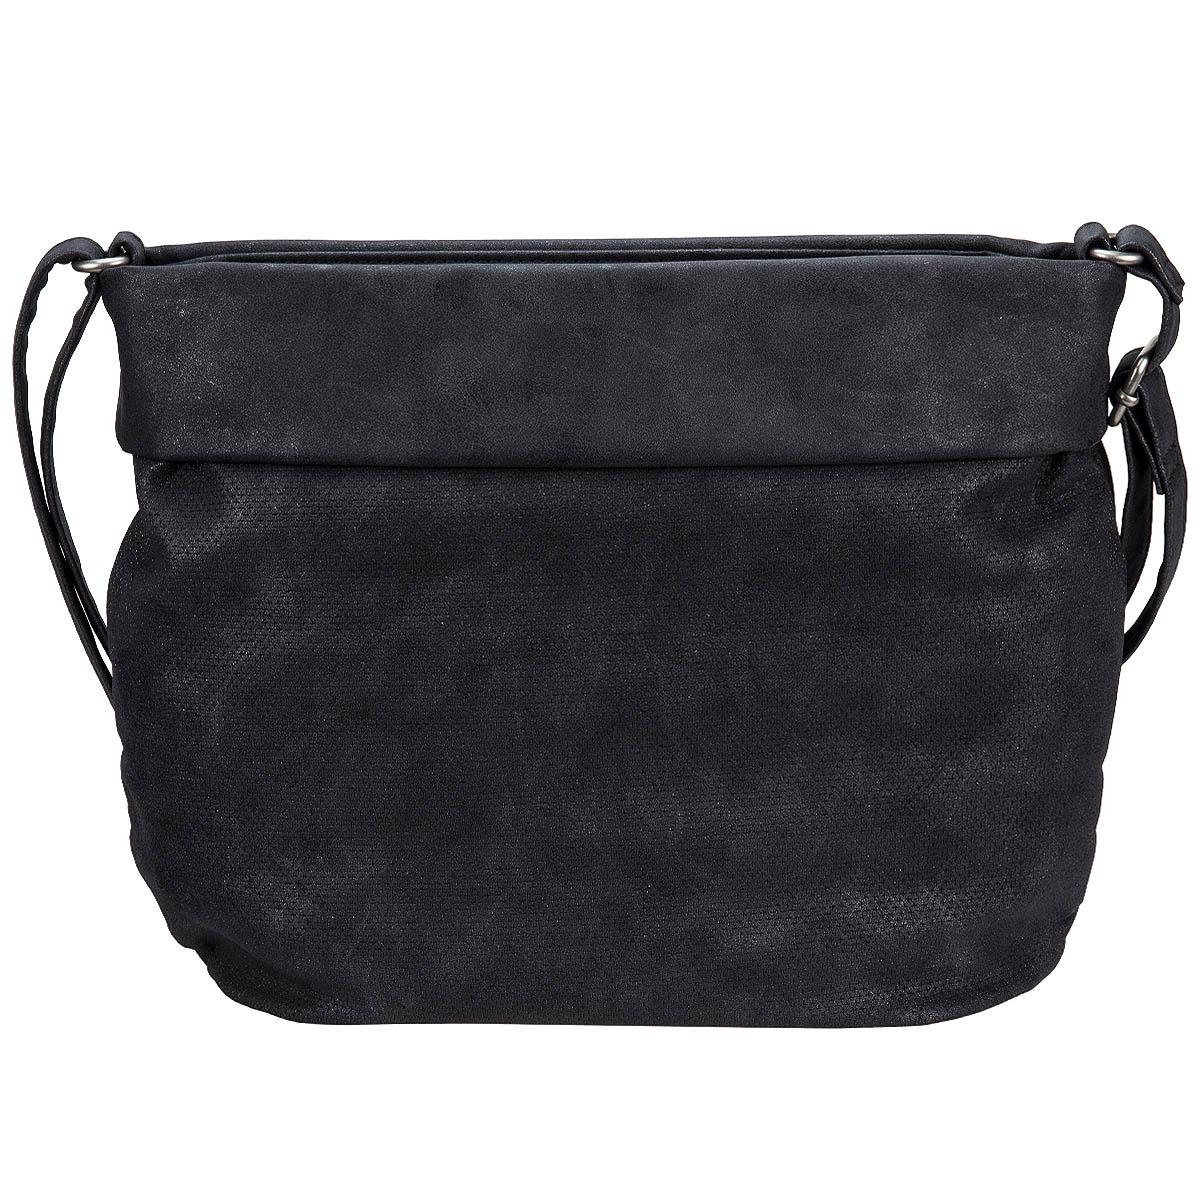 s.Oliver City Bag Umhängetasche Schultertasche 39.712.94.4498-9855